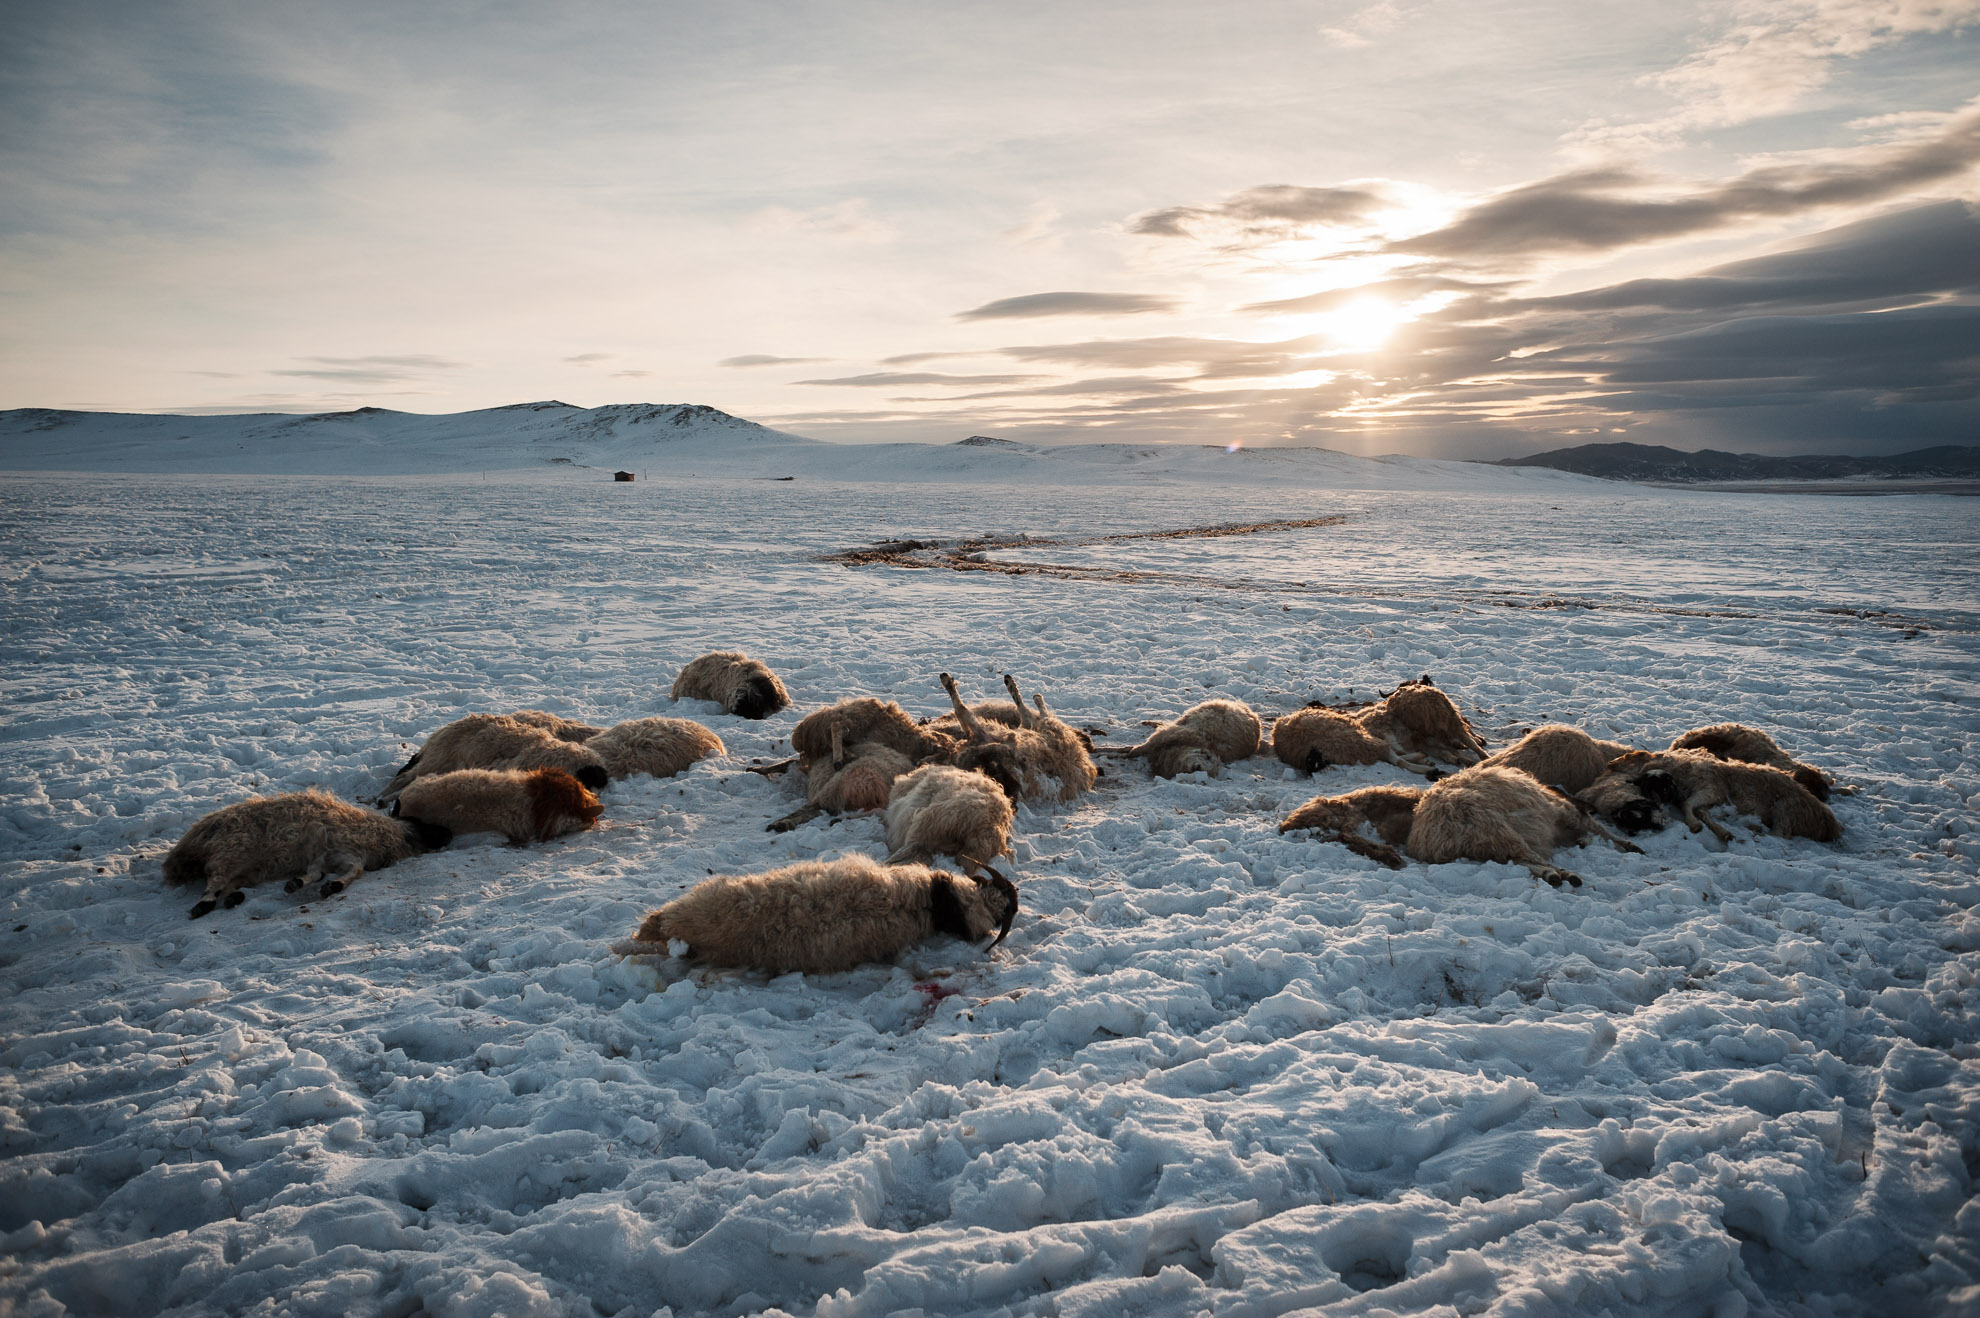 Mongolia. En la provincia de Arkhangai, a unos 30 kilómetros de la aldea de Ulziit, donde la familia Tsamba vive e intenta sobrevivir con su rebaño. La familia Tsamba ha perdido casi 20 ovejas (en la foto) en dos fríos días de invierno. En la provincia mongola de Arkhangai, la familia Tsamba vive al límite, luchando contra los duros inviernos junto a su rebaño de ovejas. Las severas condiciones invernales, conocidas como dzud, han sido responsables de la muerte de la mitad del rebaño de la familia, que llegó a tener 2.000 ovejas, en los últimos tres inviernos. Recientemente, en busca de pastos más cálidos, los Tsambas se trasladaron desde la provincia de Bulgan, en el norte, a esta región cercana a un pueblo del centro de Mongolia llamado Ulziit.